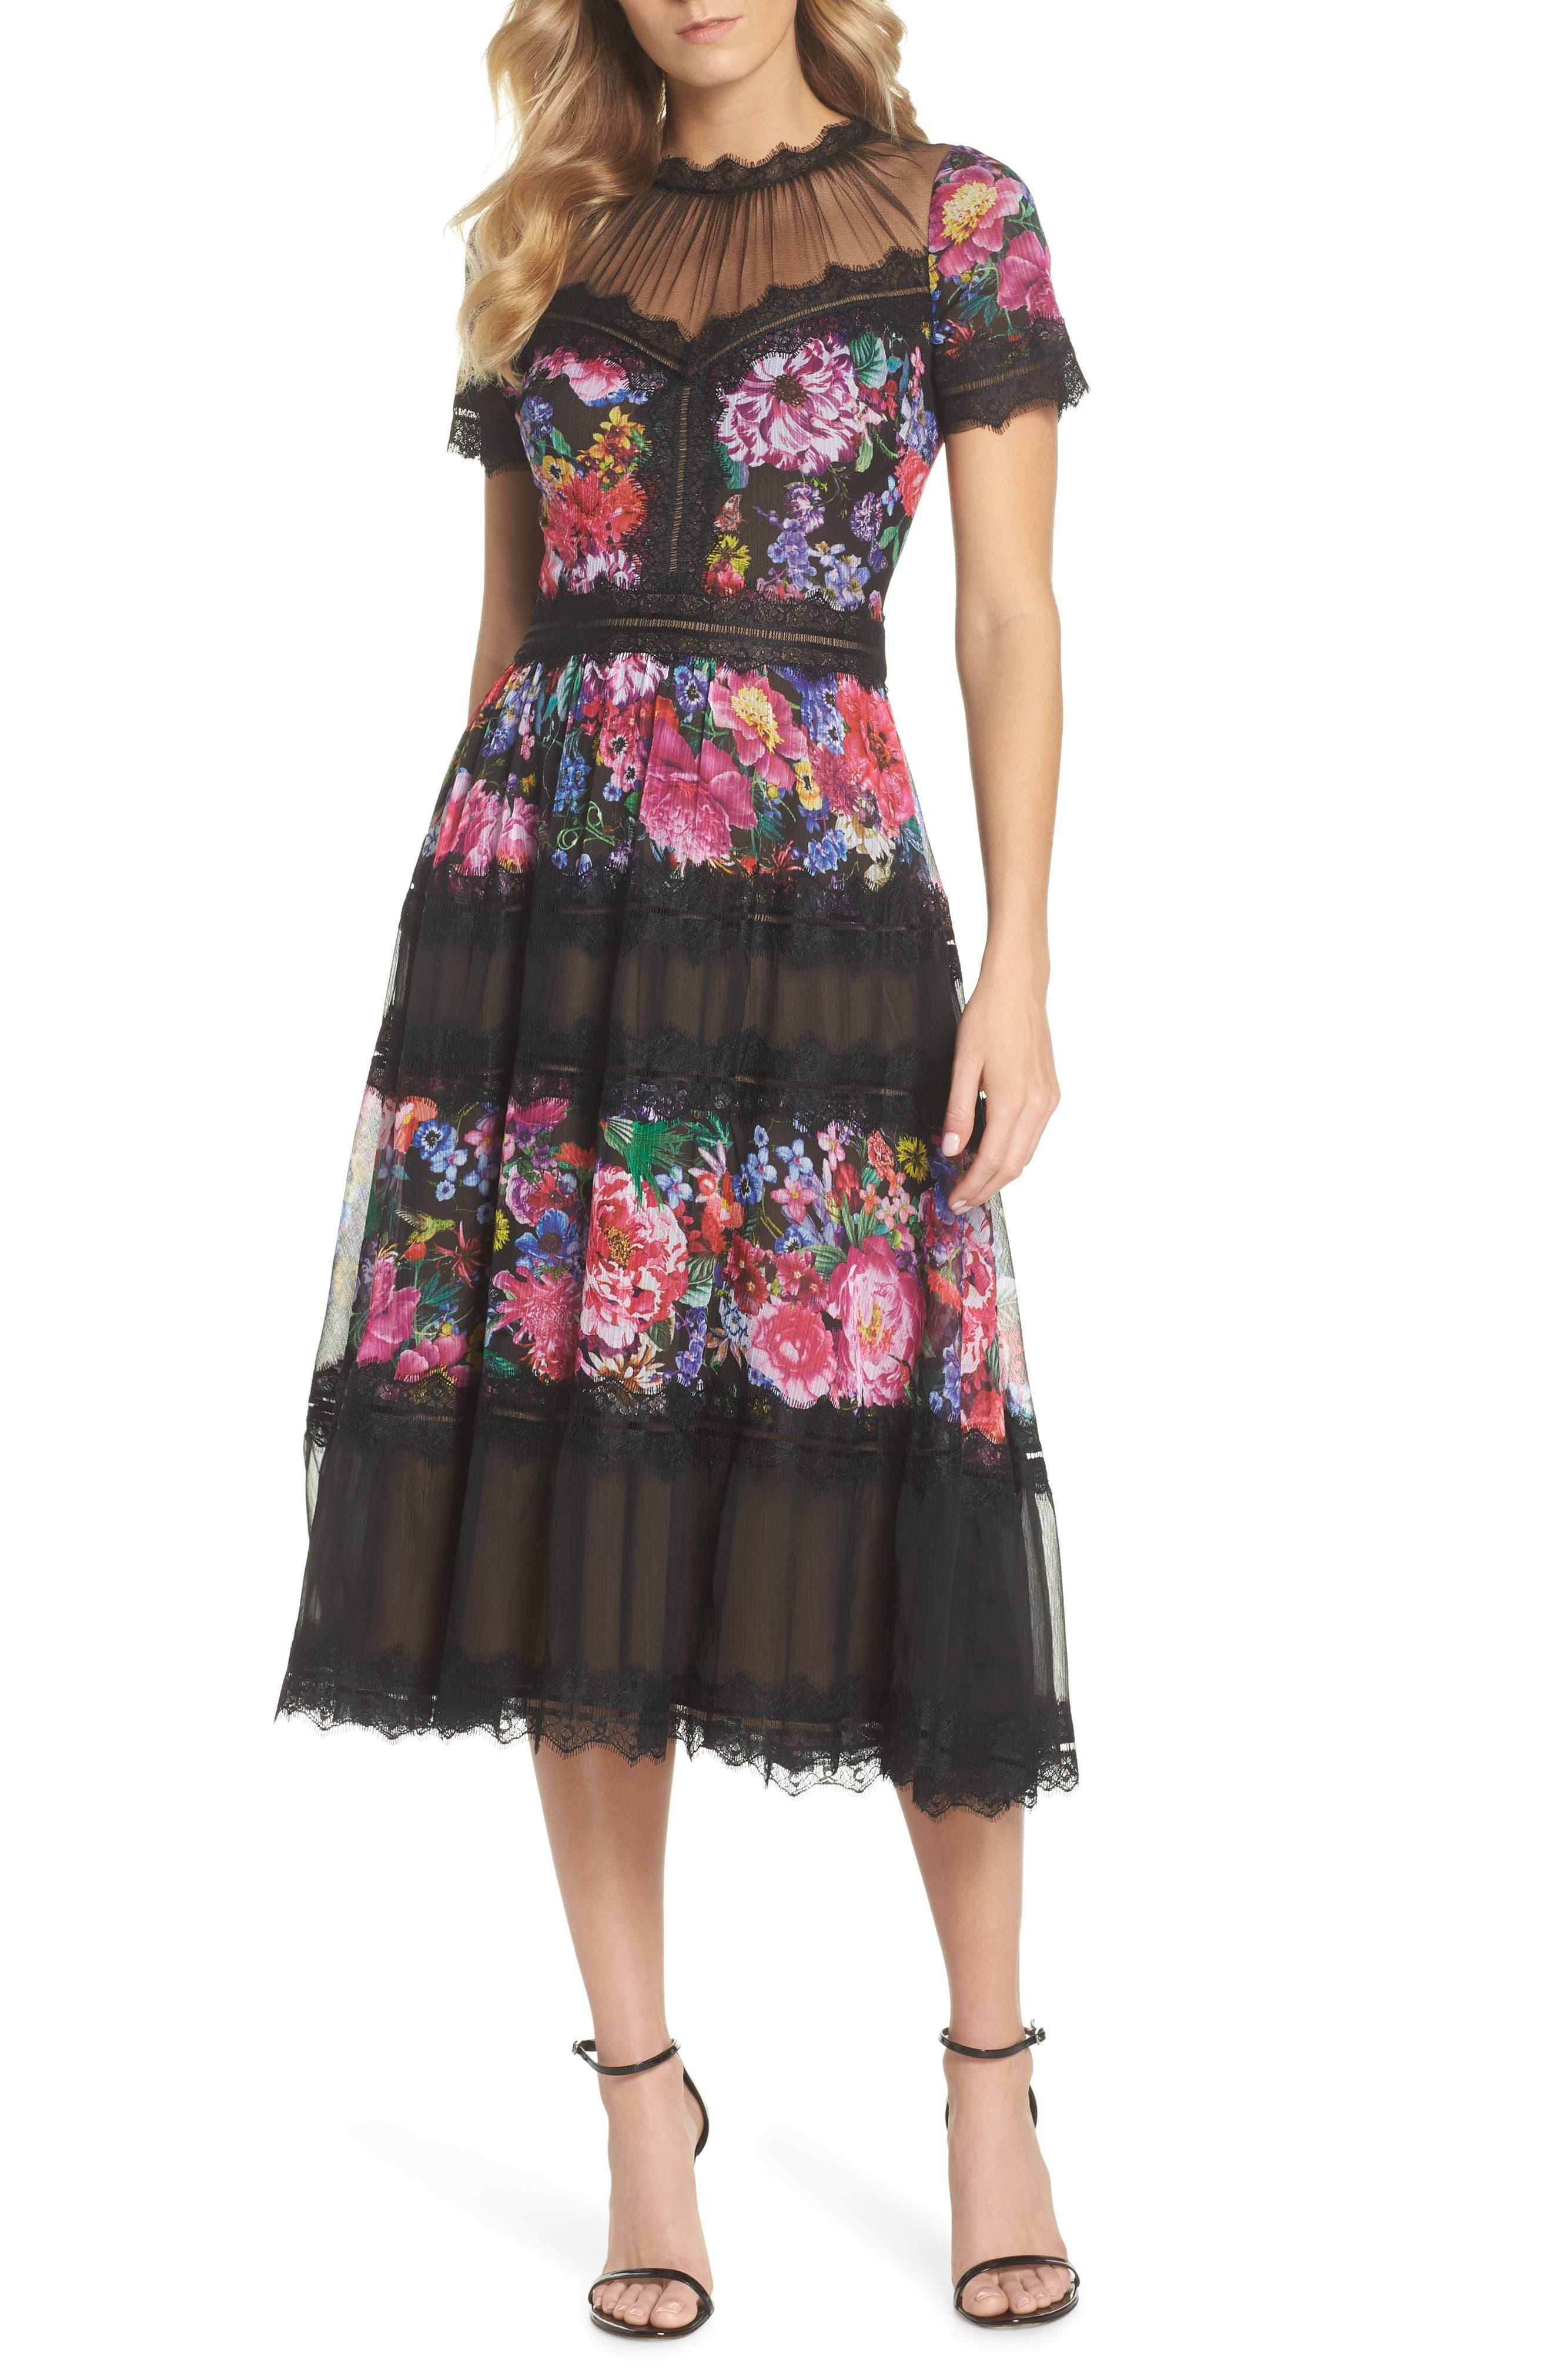 Lace Floral Midi Dress,                         Main,                         color, Black/ Floral